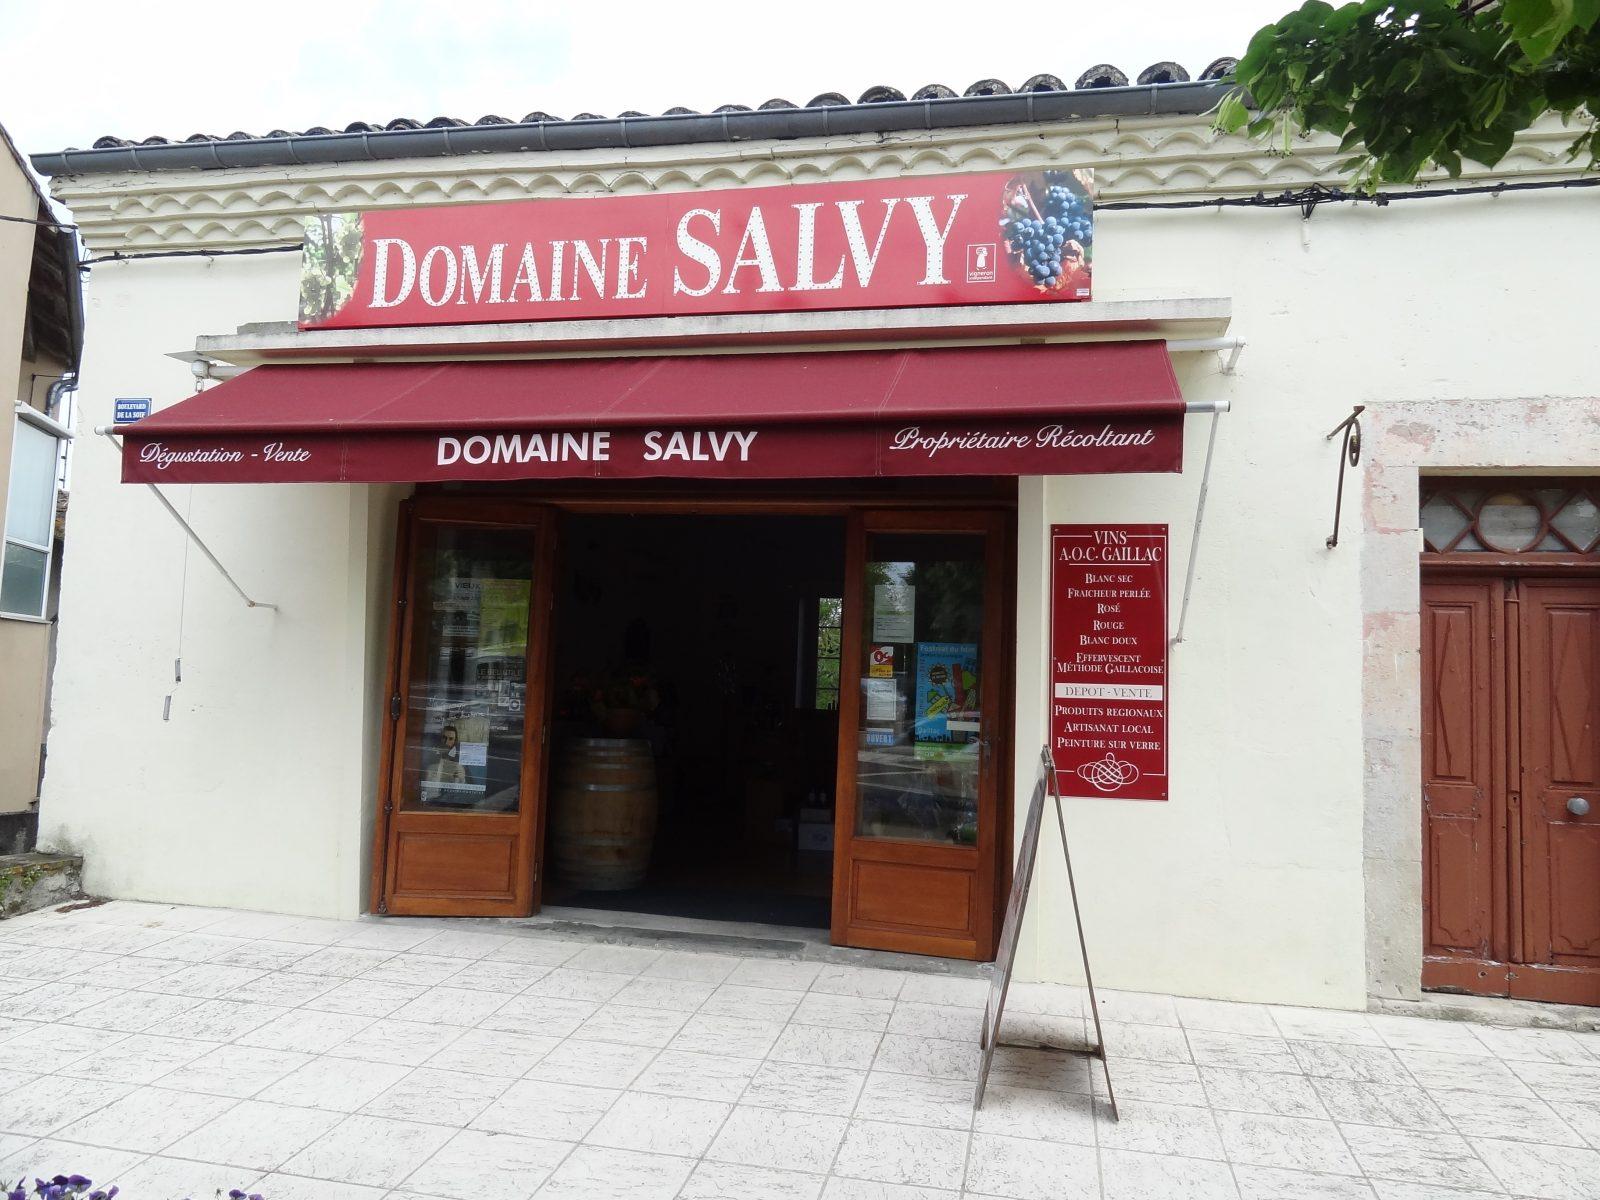 Domaine Salvy